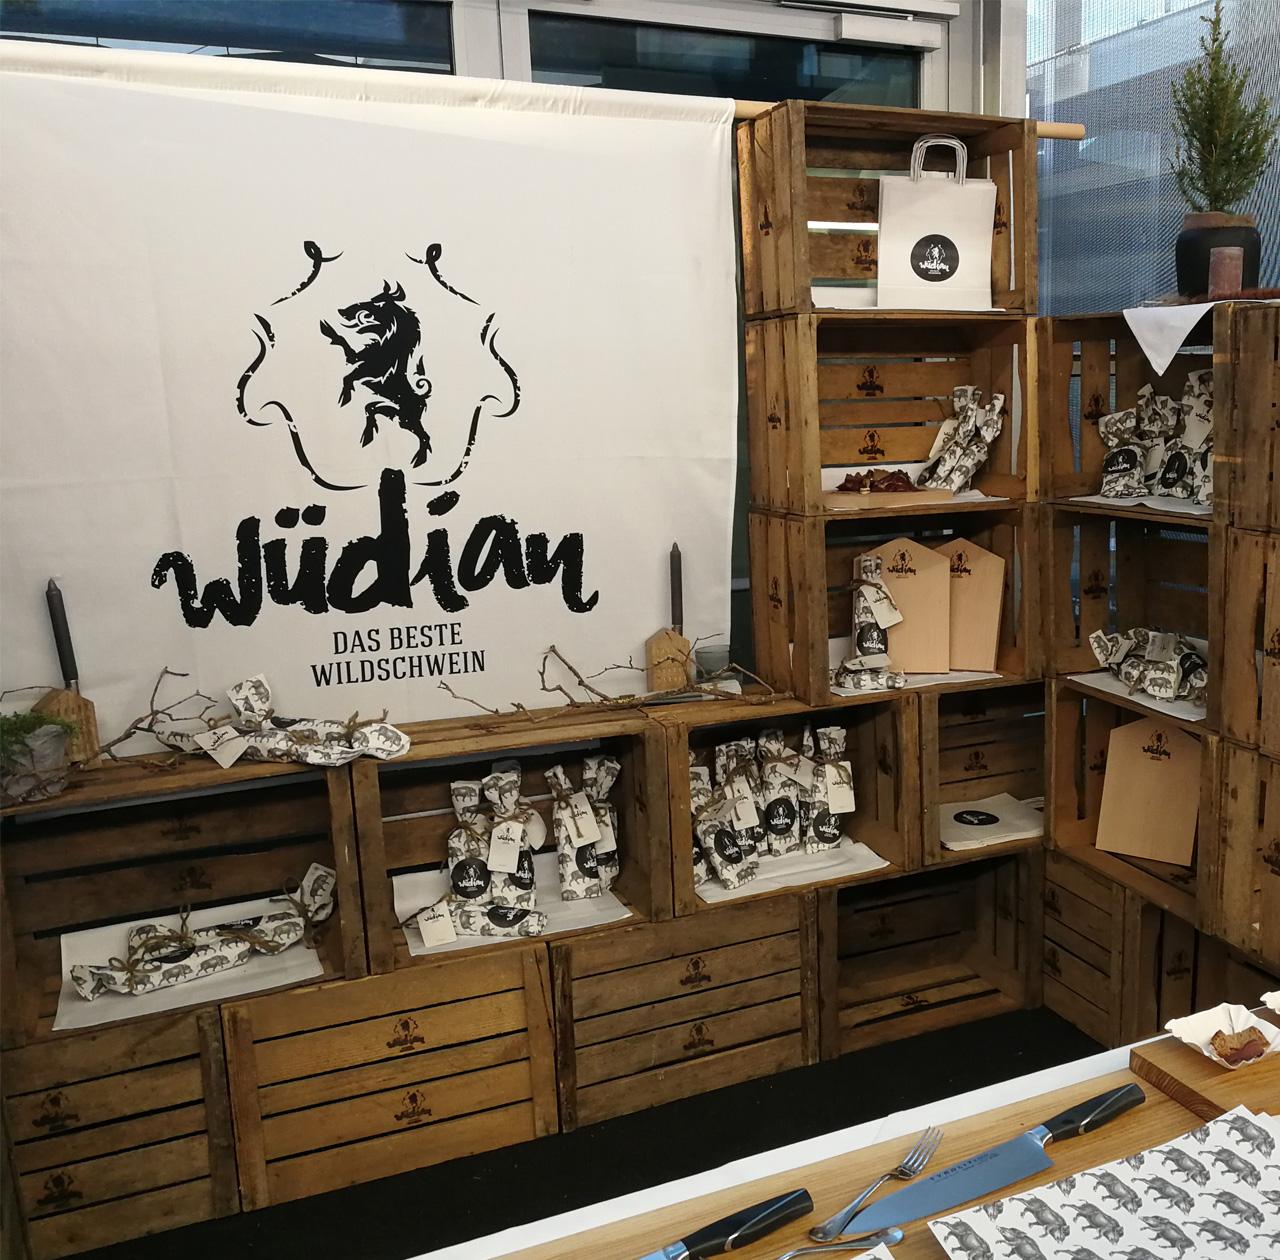 upart Referenz für wüdian Wildschweinspeck - Verkaufstand